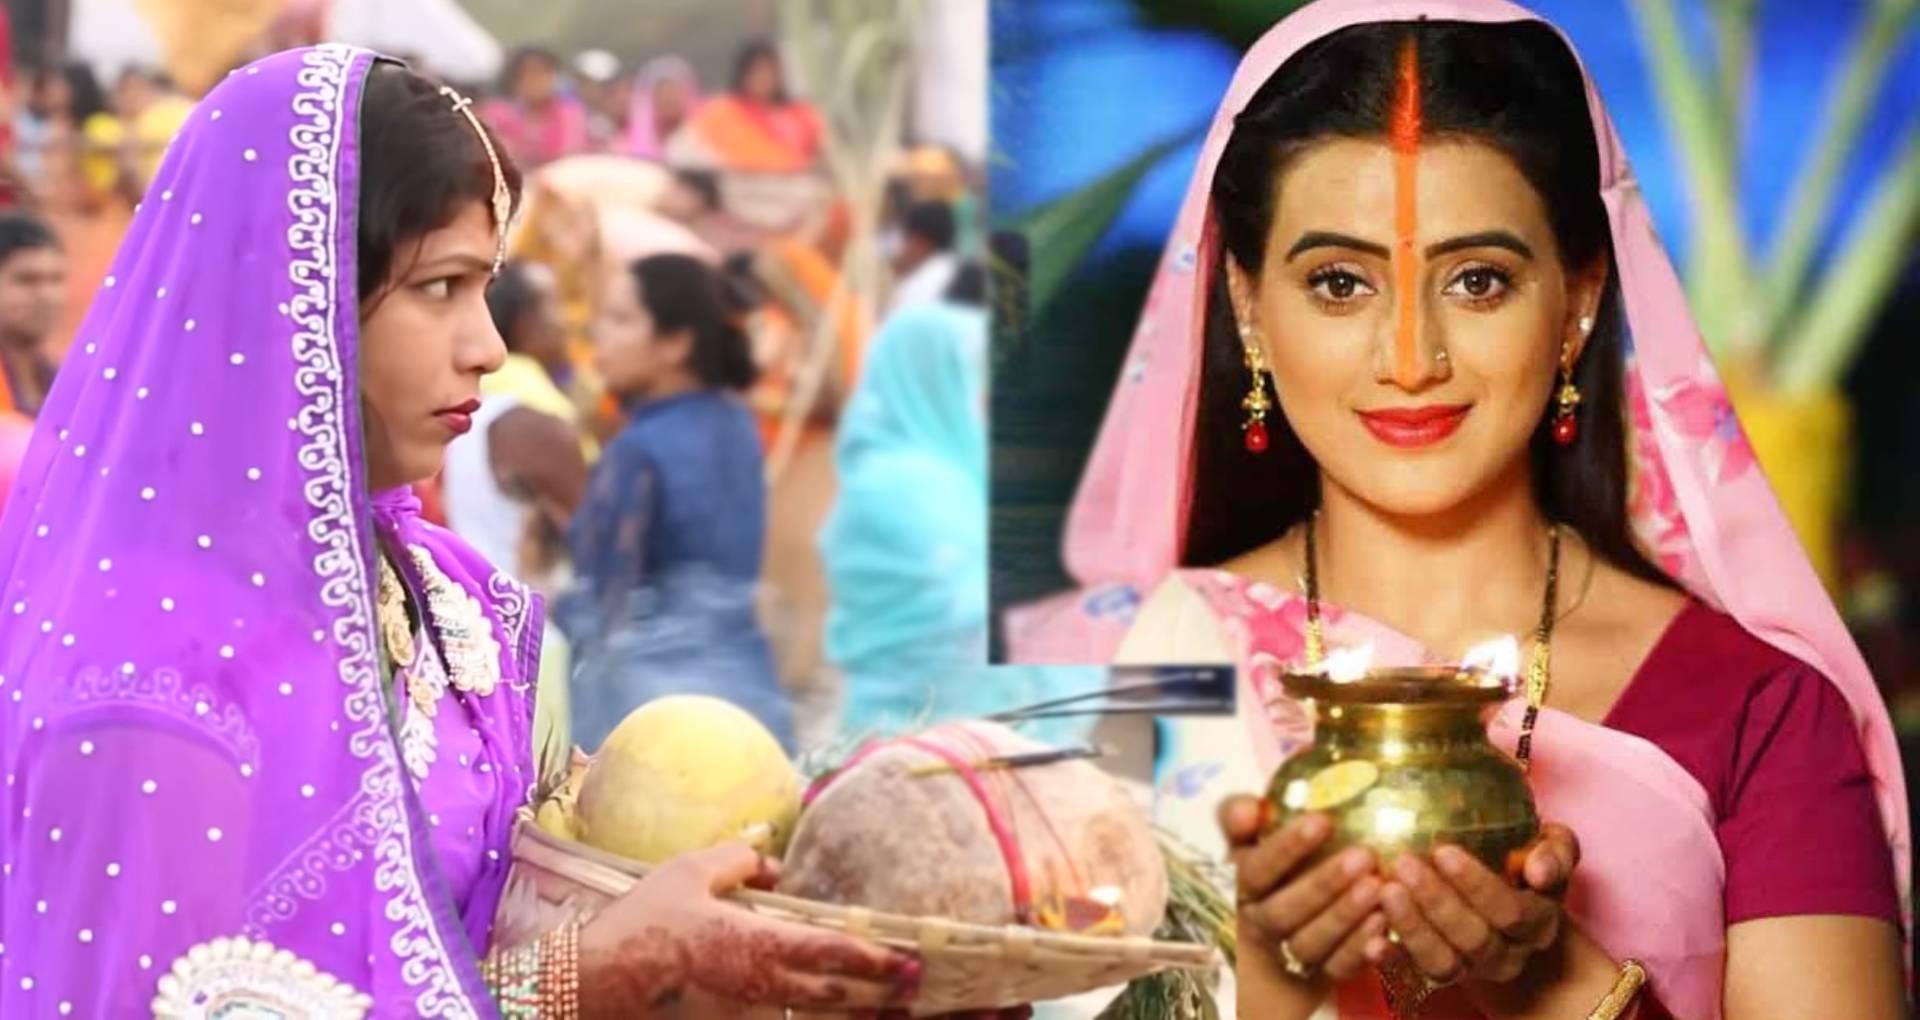 Chhath Puja Geet 2019: छठी मईया की भक्ति में डूबीं अक्षरा सिंह, लॉन्च हुआ इस साल का पहला छठ गीत